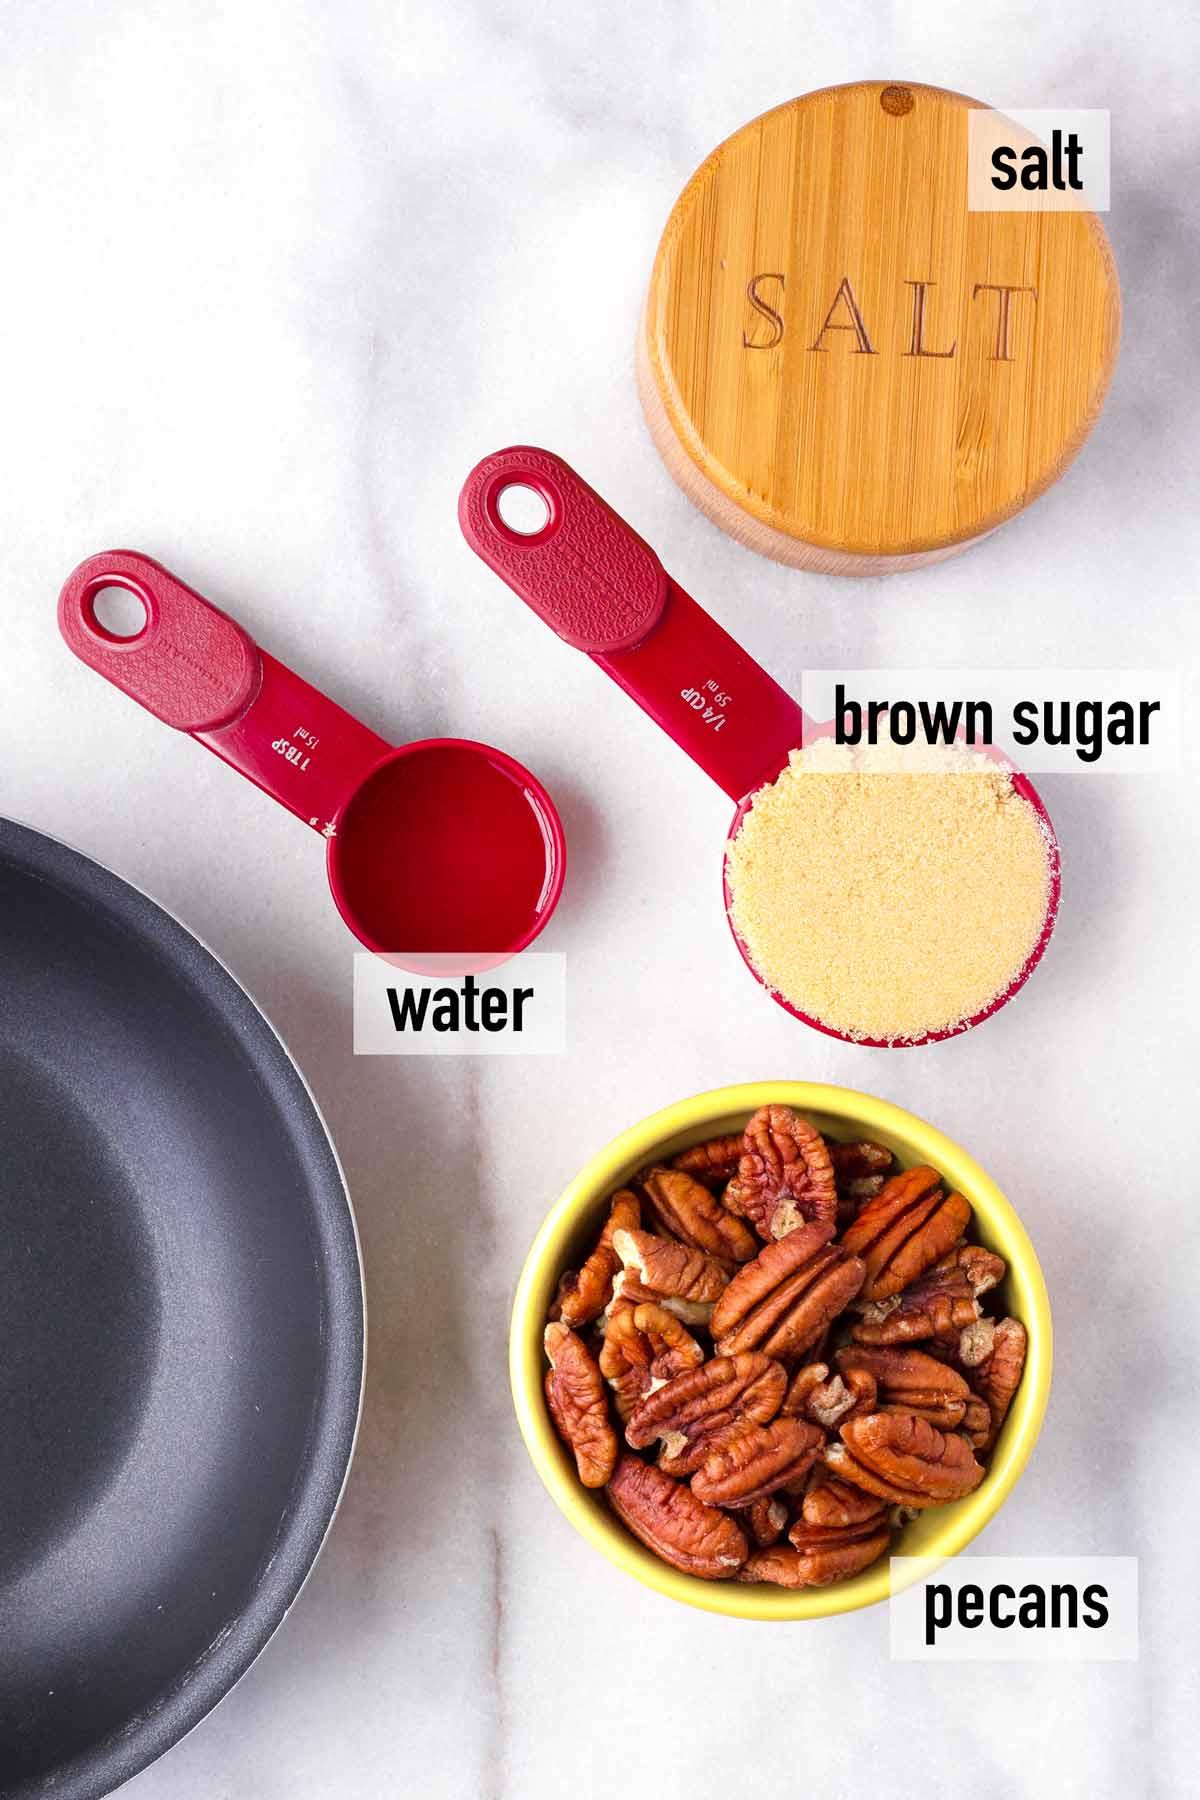 ingredients including water, salt, brown sugar, pecans